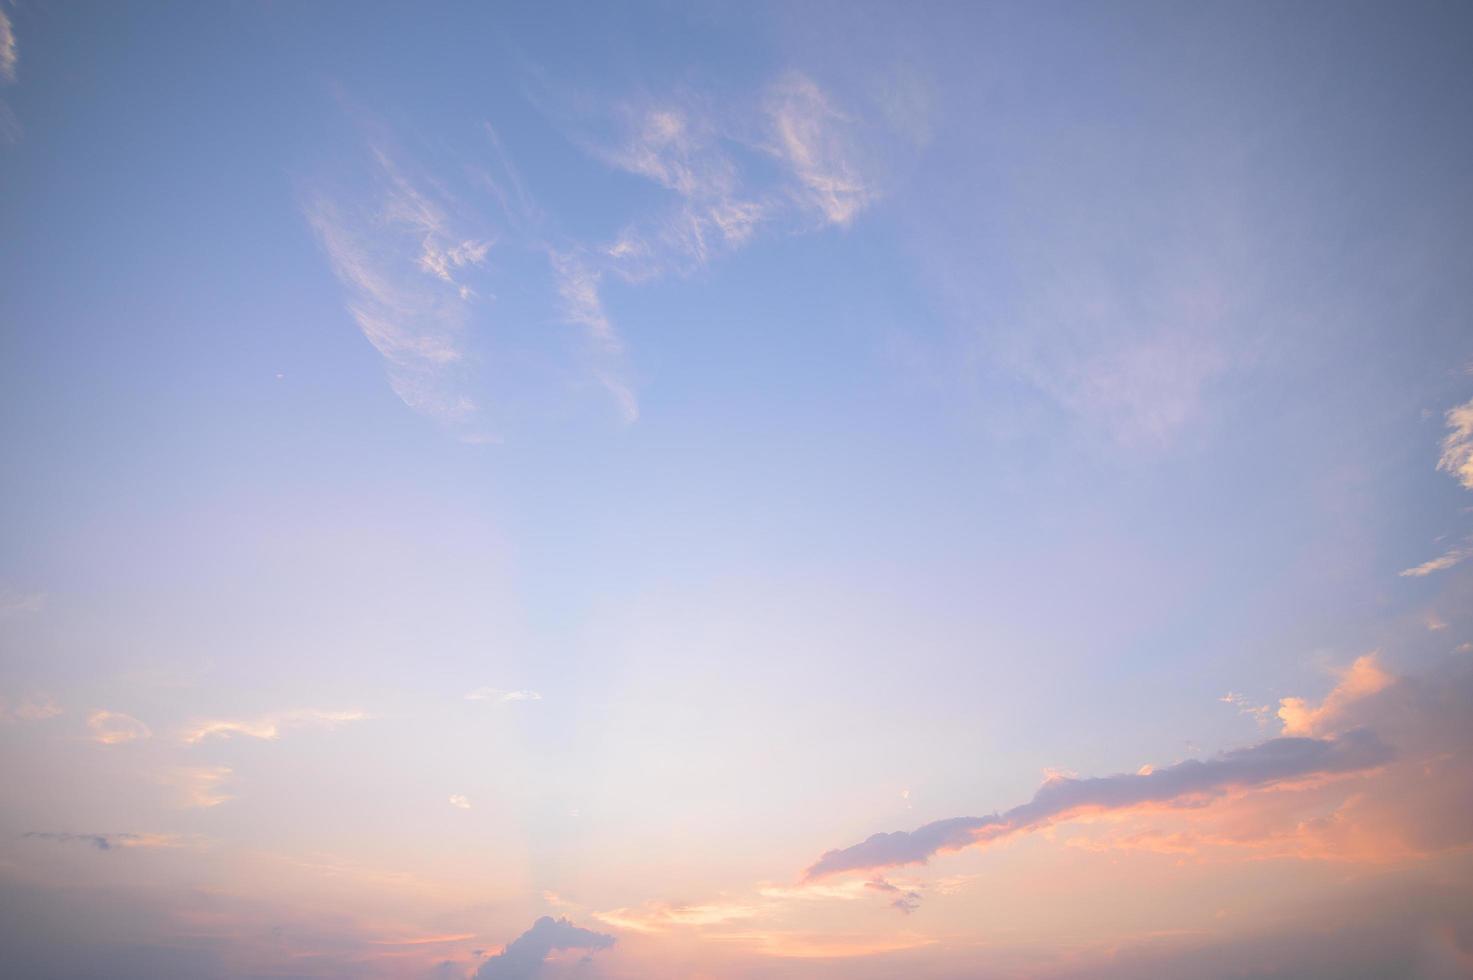 cielo azul y nubes al atardecer foto